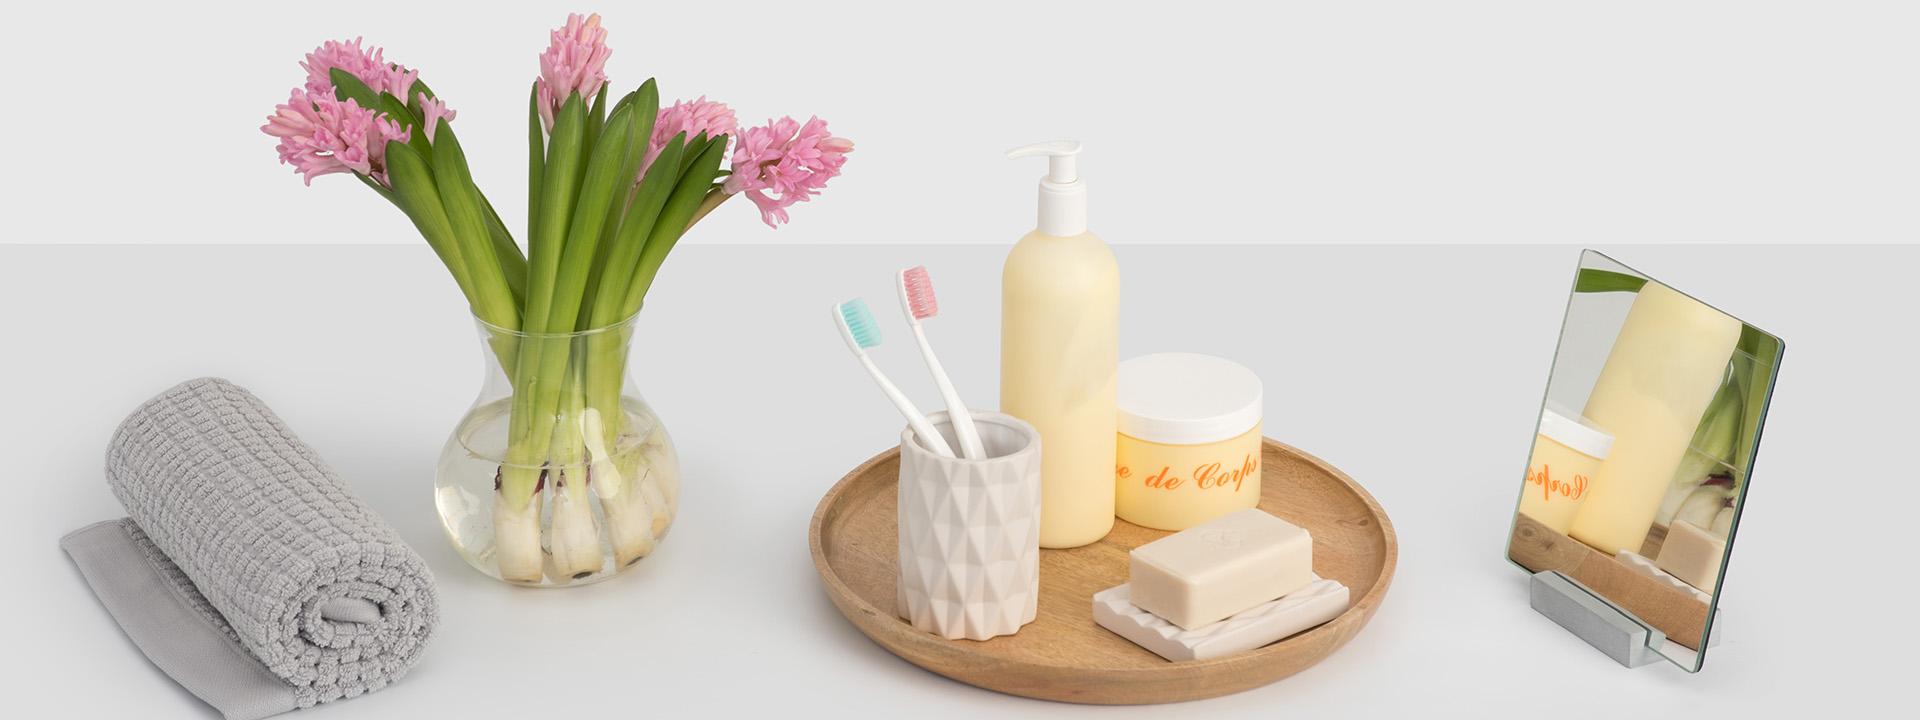 Zahnbürste mit Zubehör